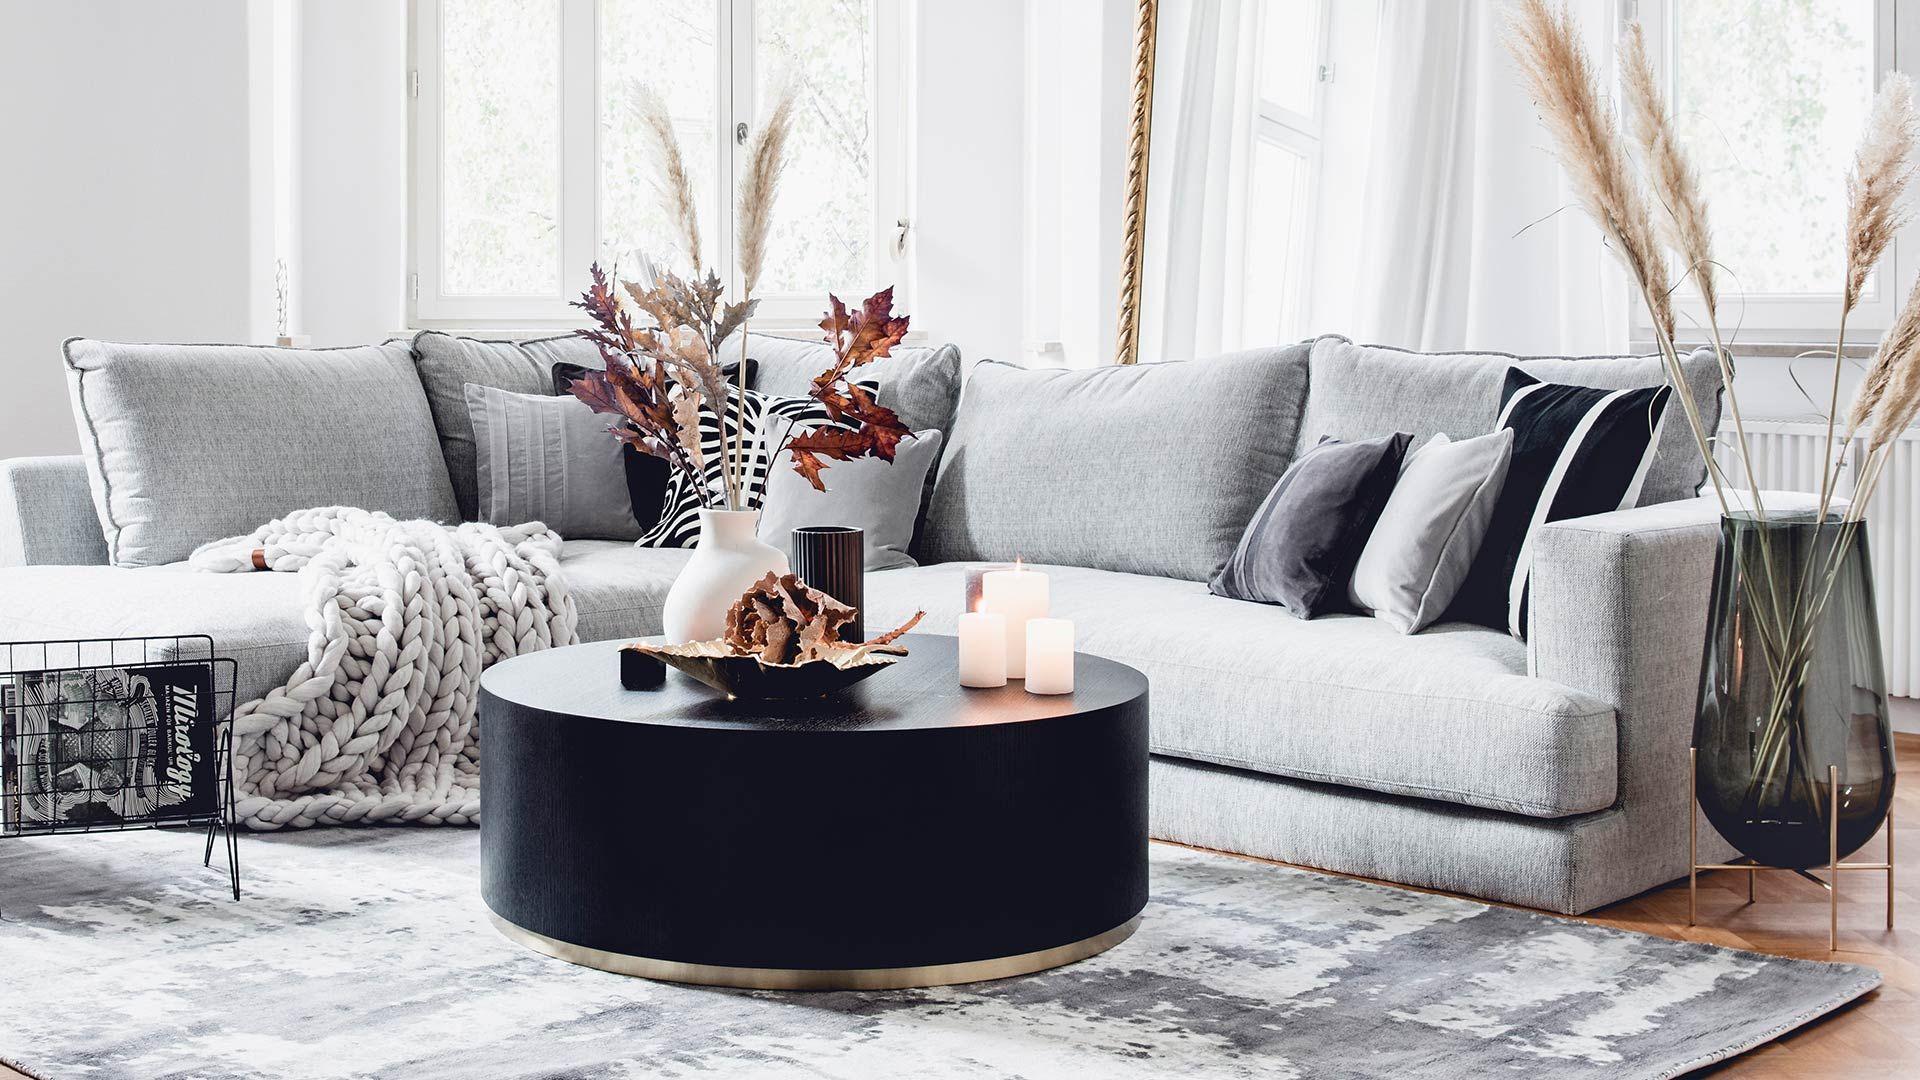 Canapé gris moderne – Achetez un arrangement! Tous les produits de cet arrangement accèdent …